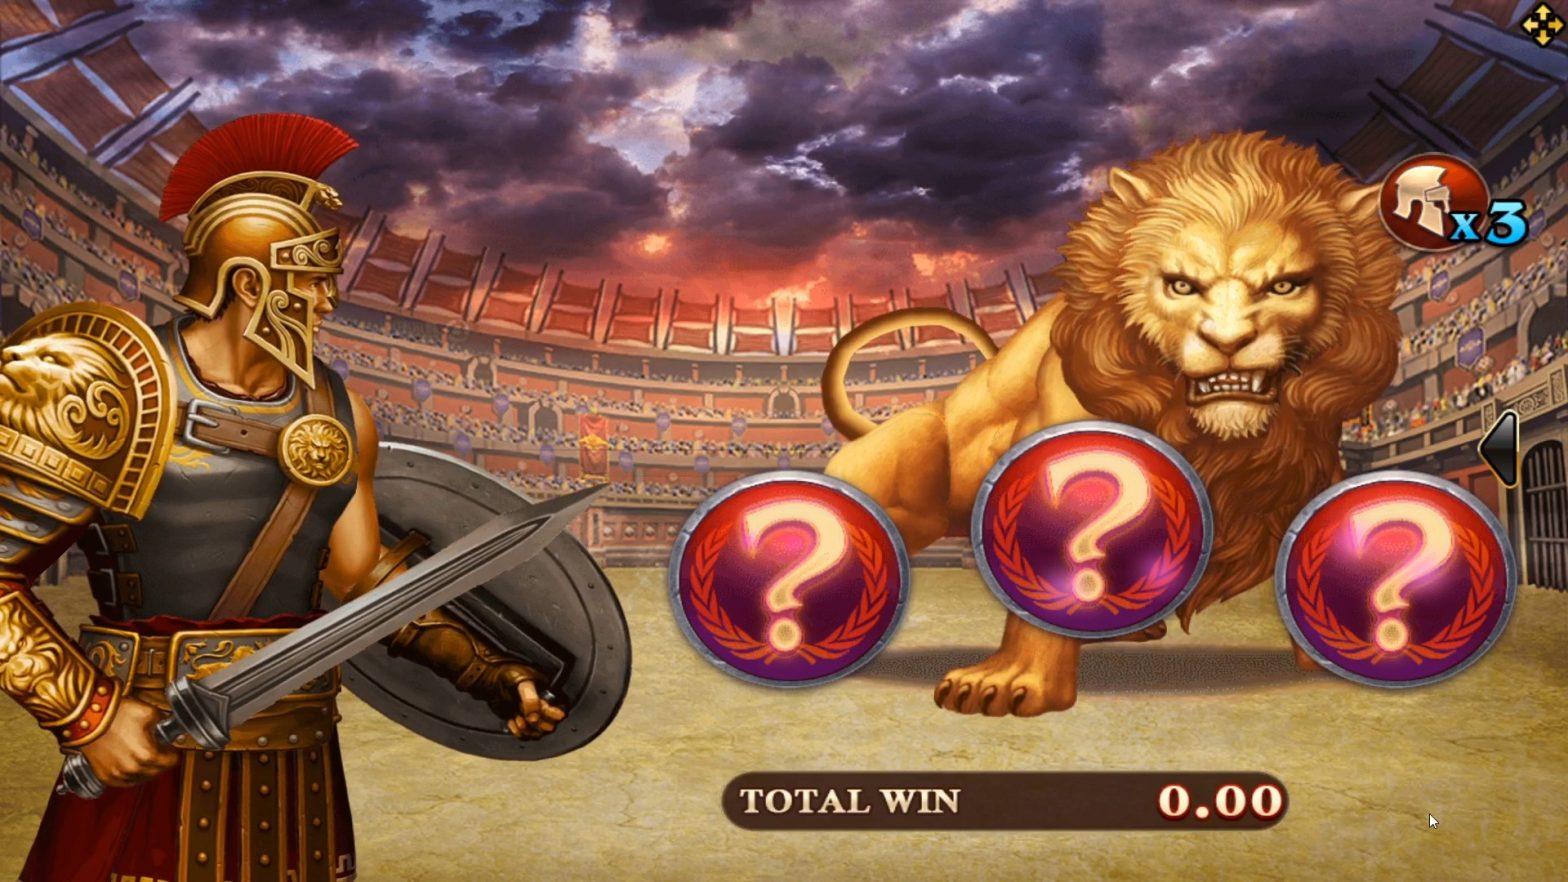 สล็อต ROMA แนะนำเกมสล็อตโรม่า เกมสล็อตสุดฮิต SBOBET เล่นได้เงินจริง